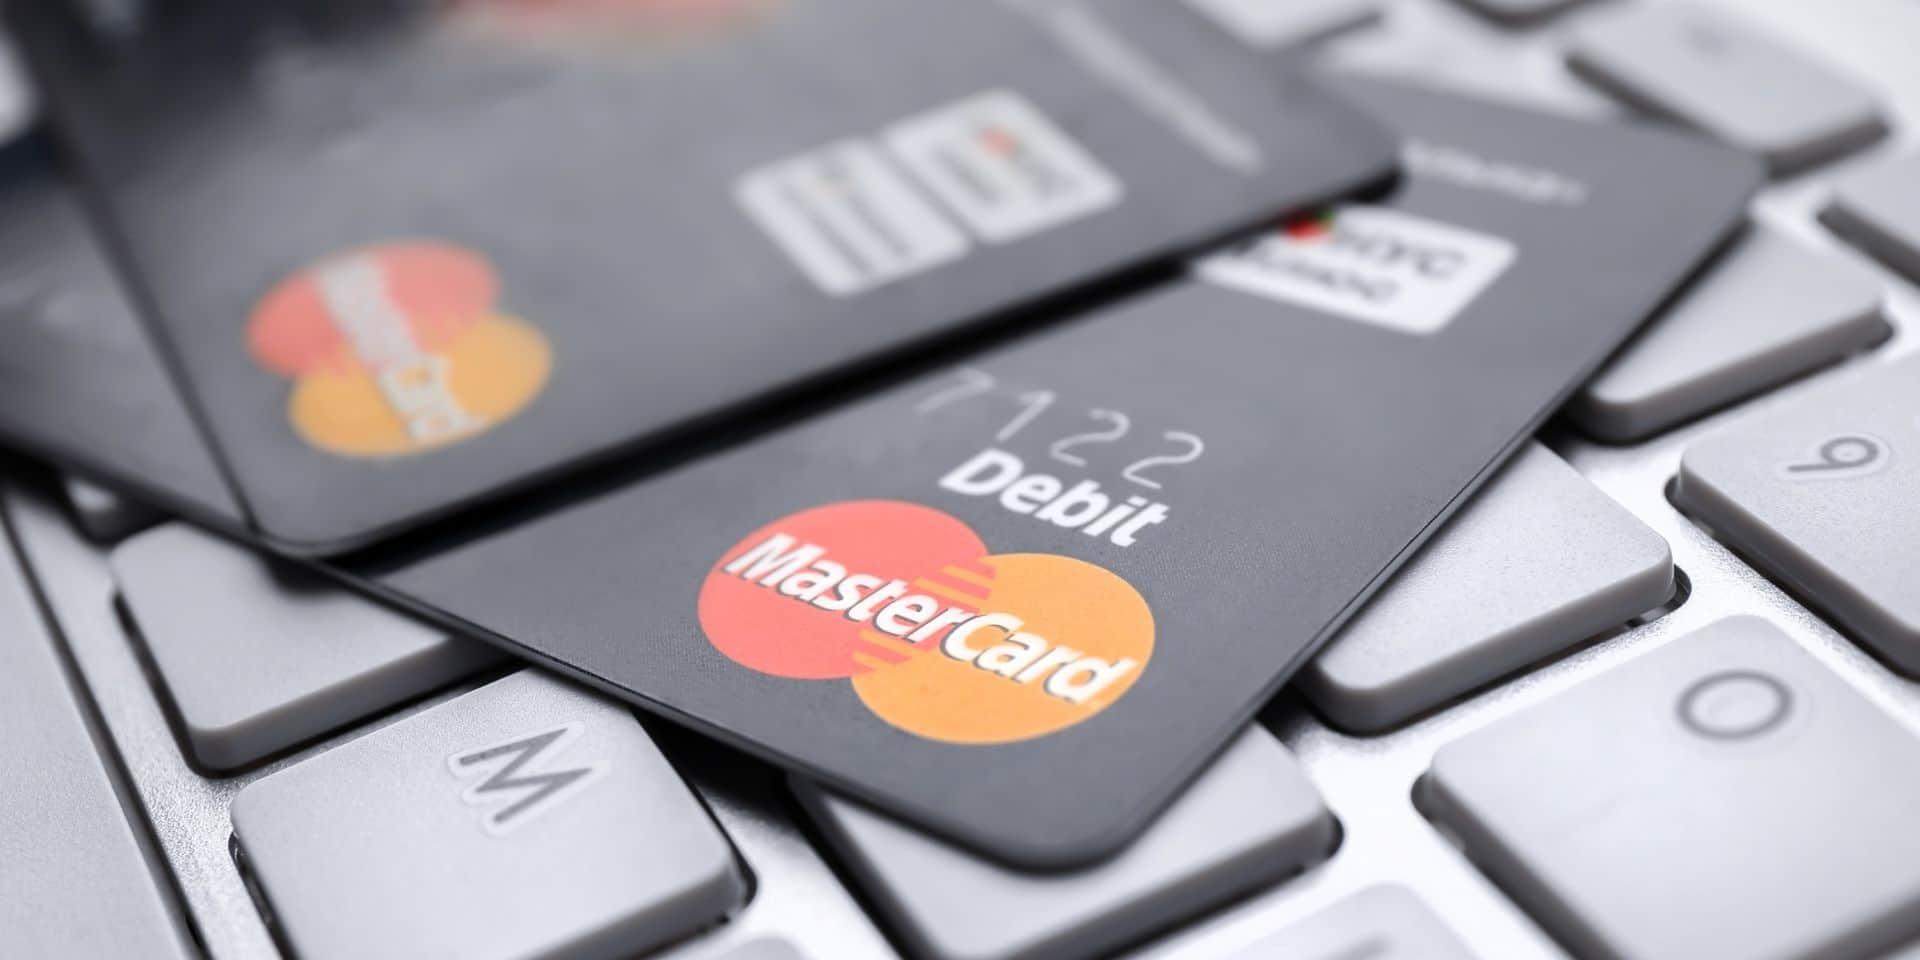 Quelle carte de crédit choisir ? Des solutions gratuites existent...